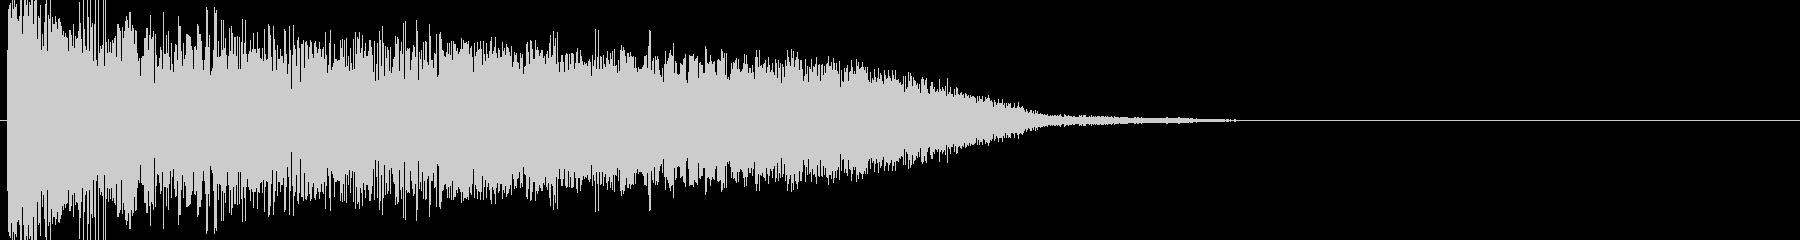 ワープ音04の未再生の波形